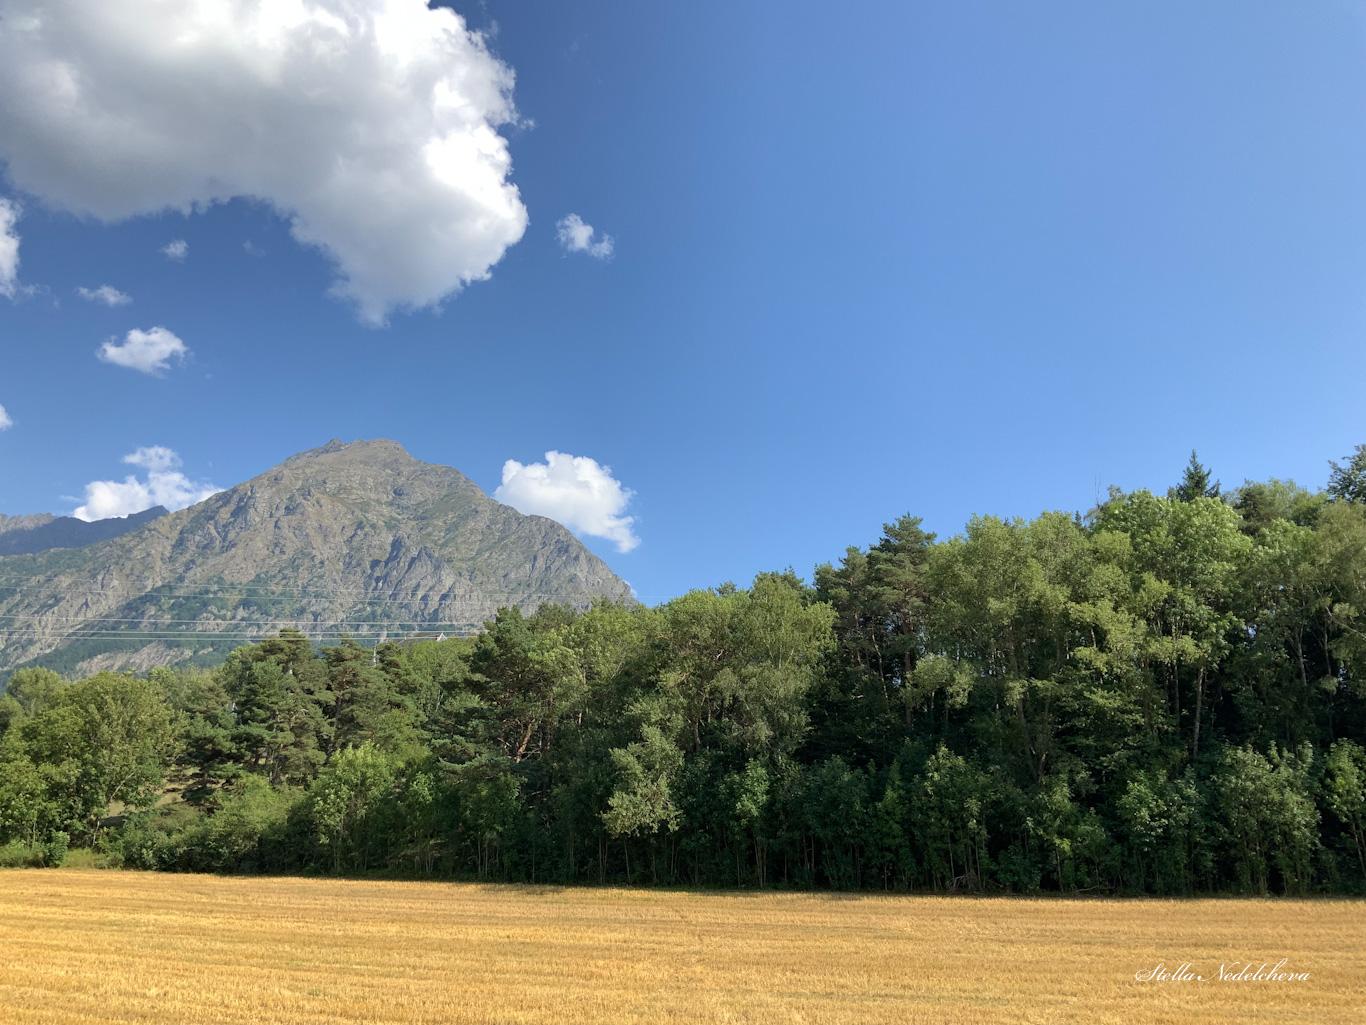 Paysage - montagne, arbres et champs de blé